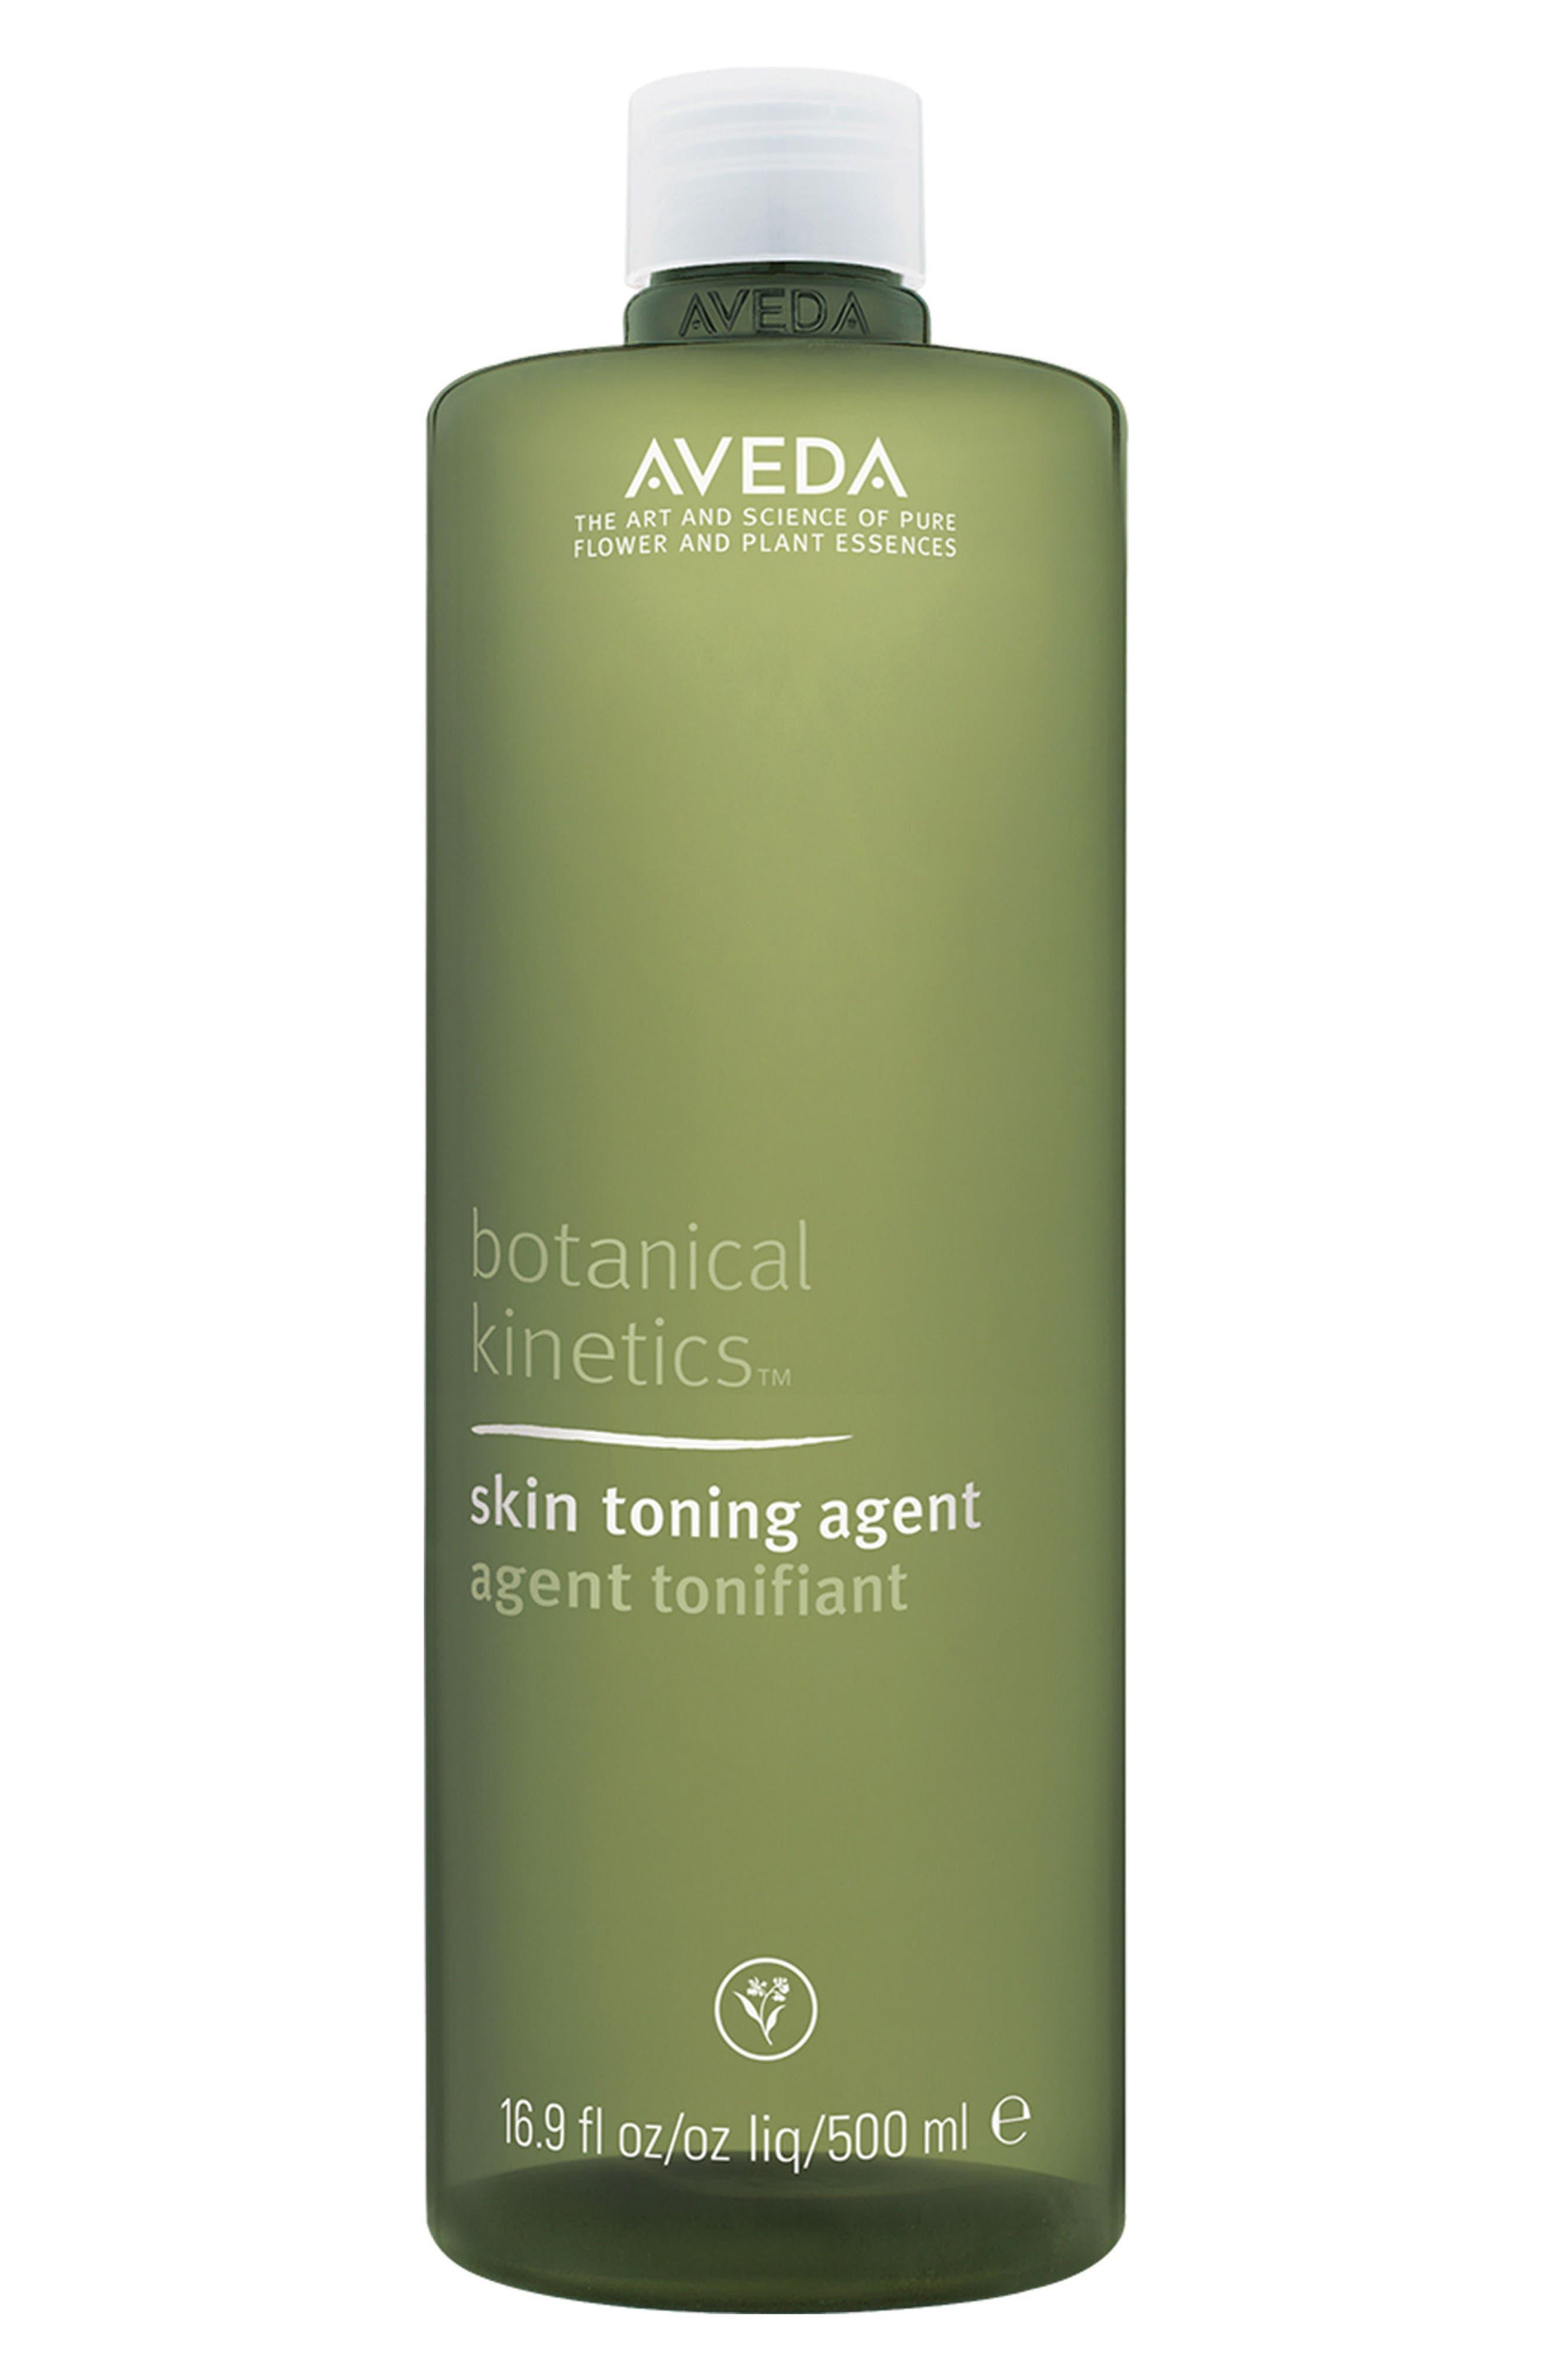 Alternate Image 1 Selected - Aveda botanical kinetics™ Skin Toning Agent